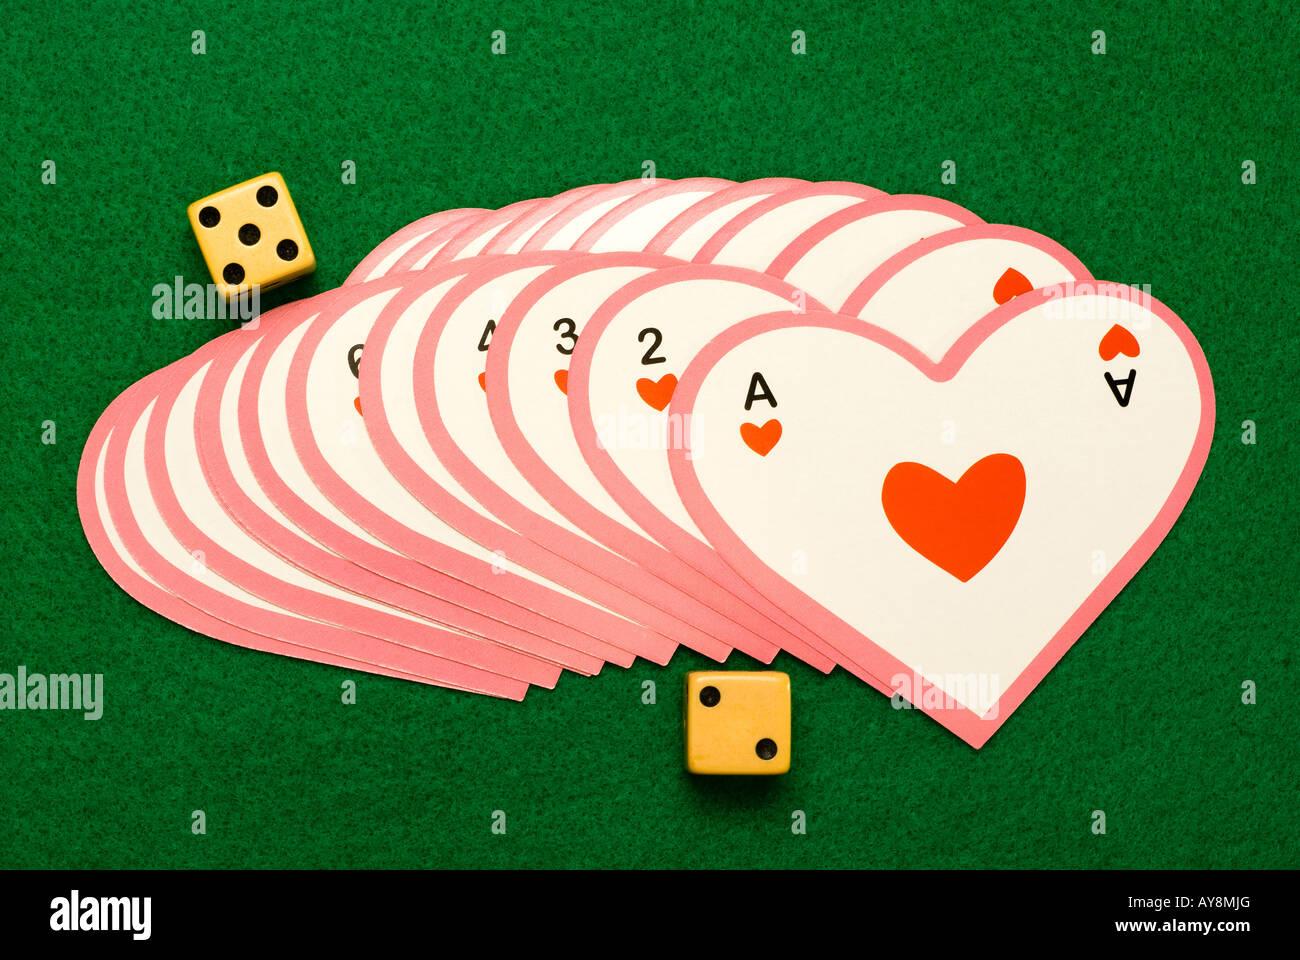 Gambling atmosphere stories online audult